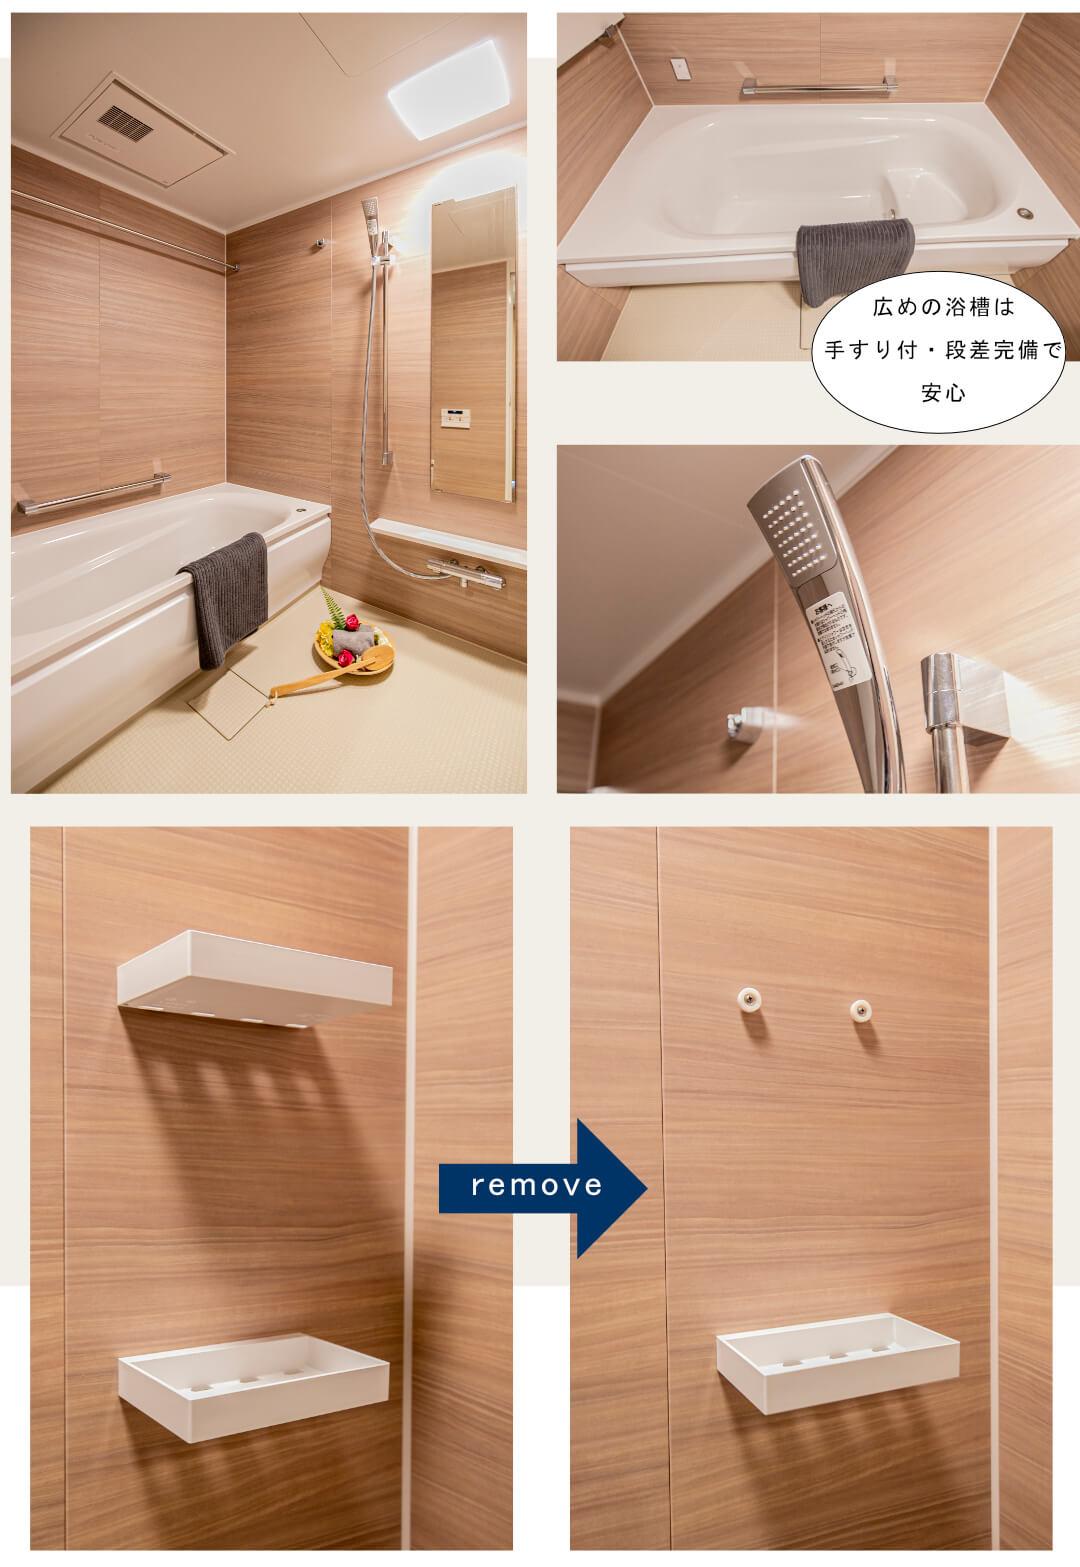 グランツオーベル千石410の浴室